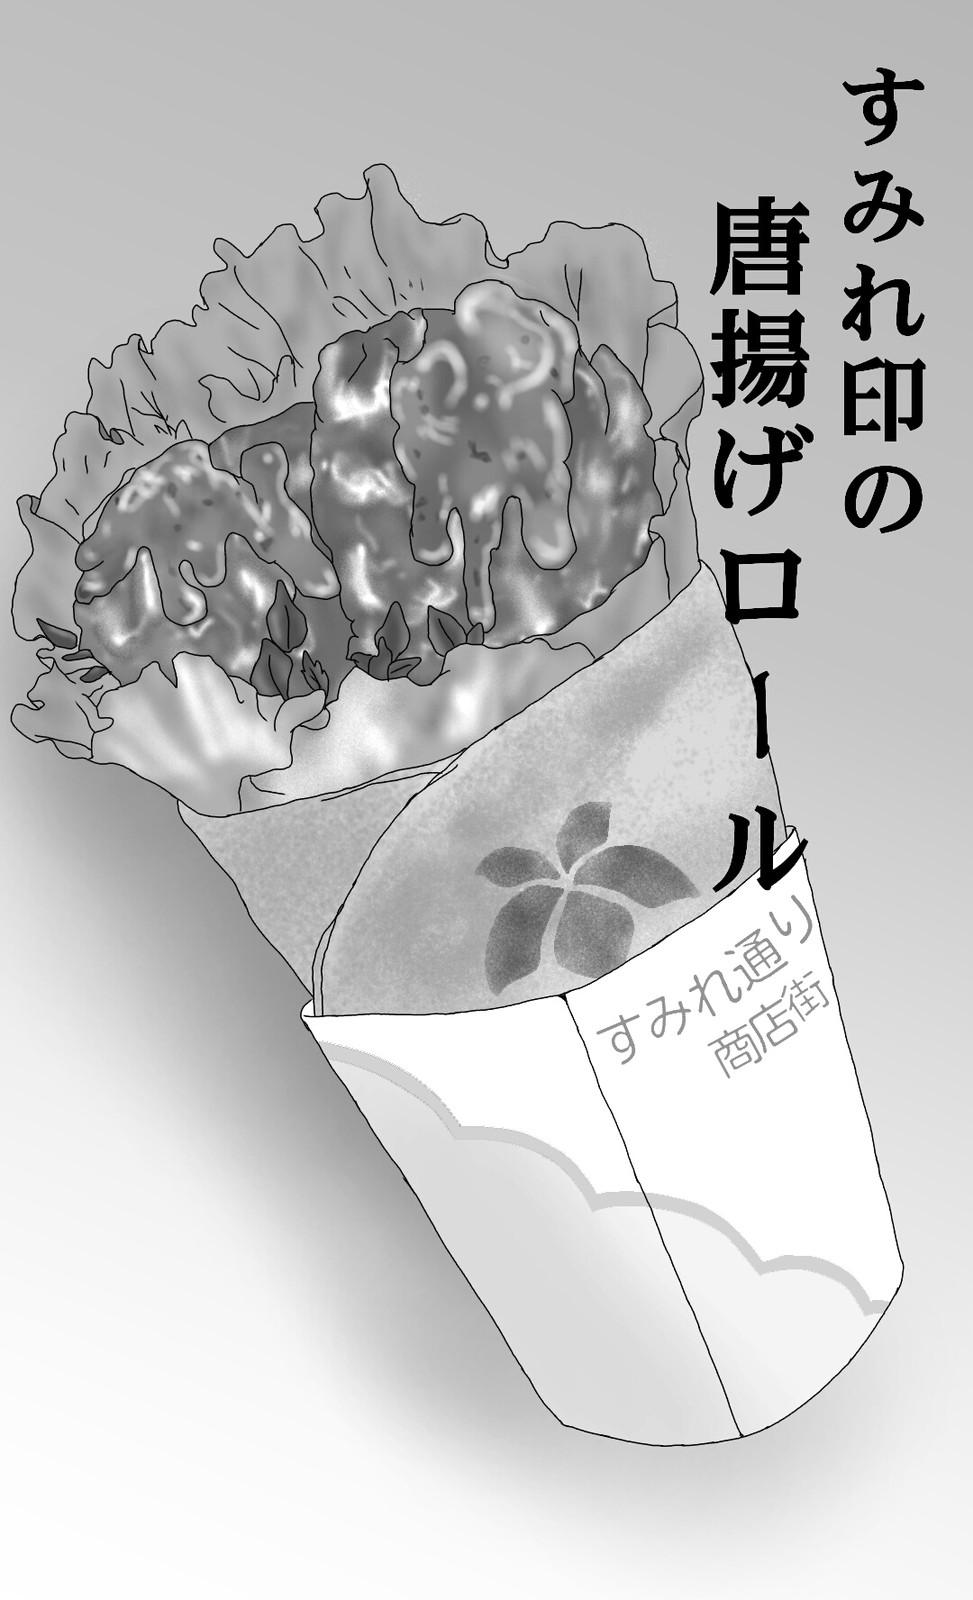 すみれ印の唐揚げロール(モノクロ),1